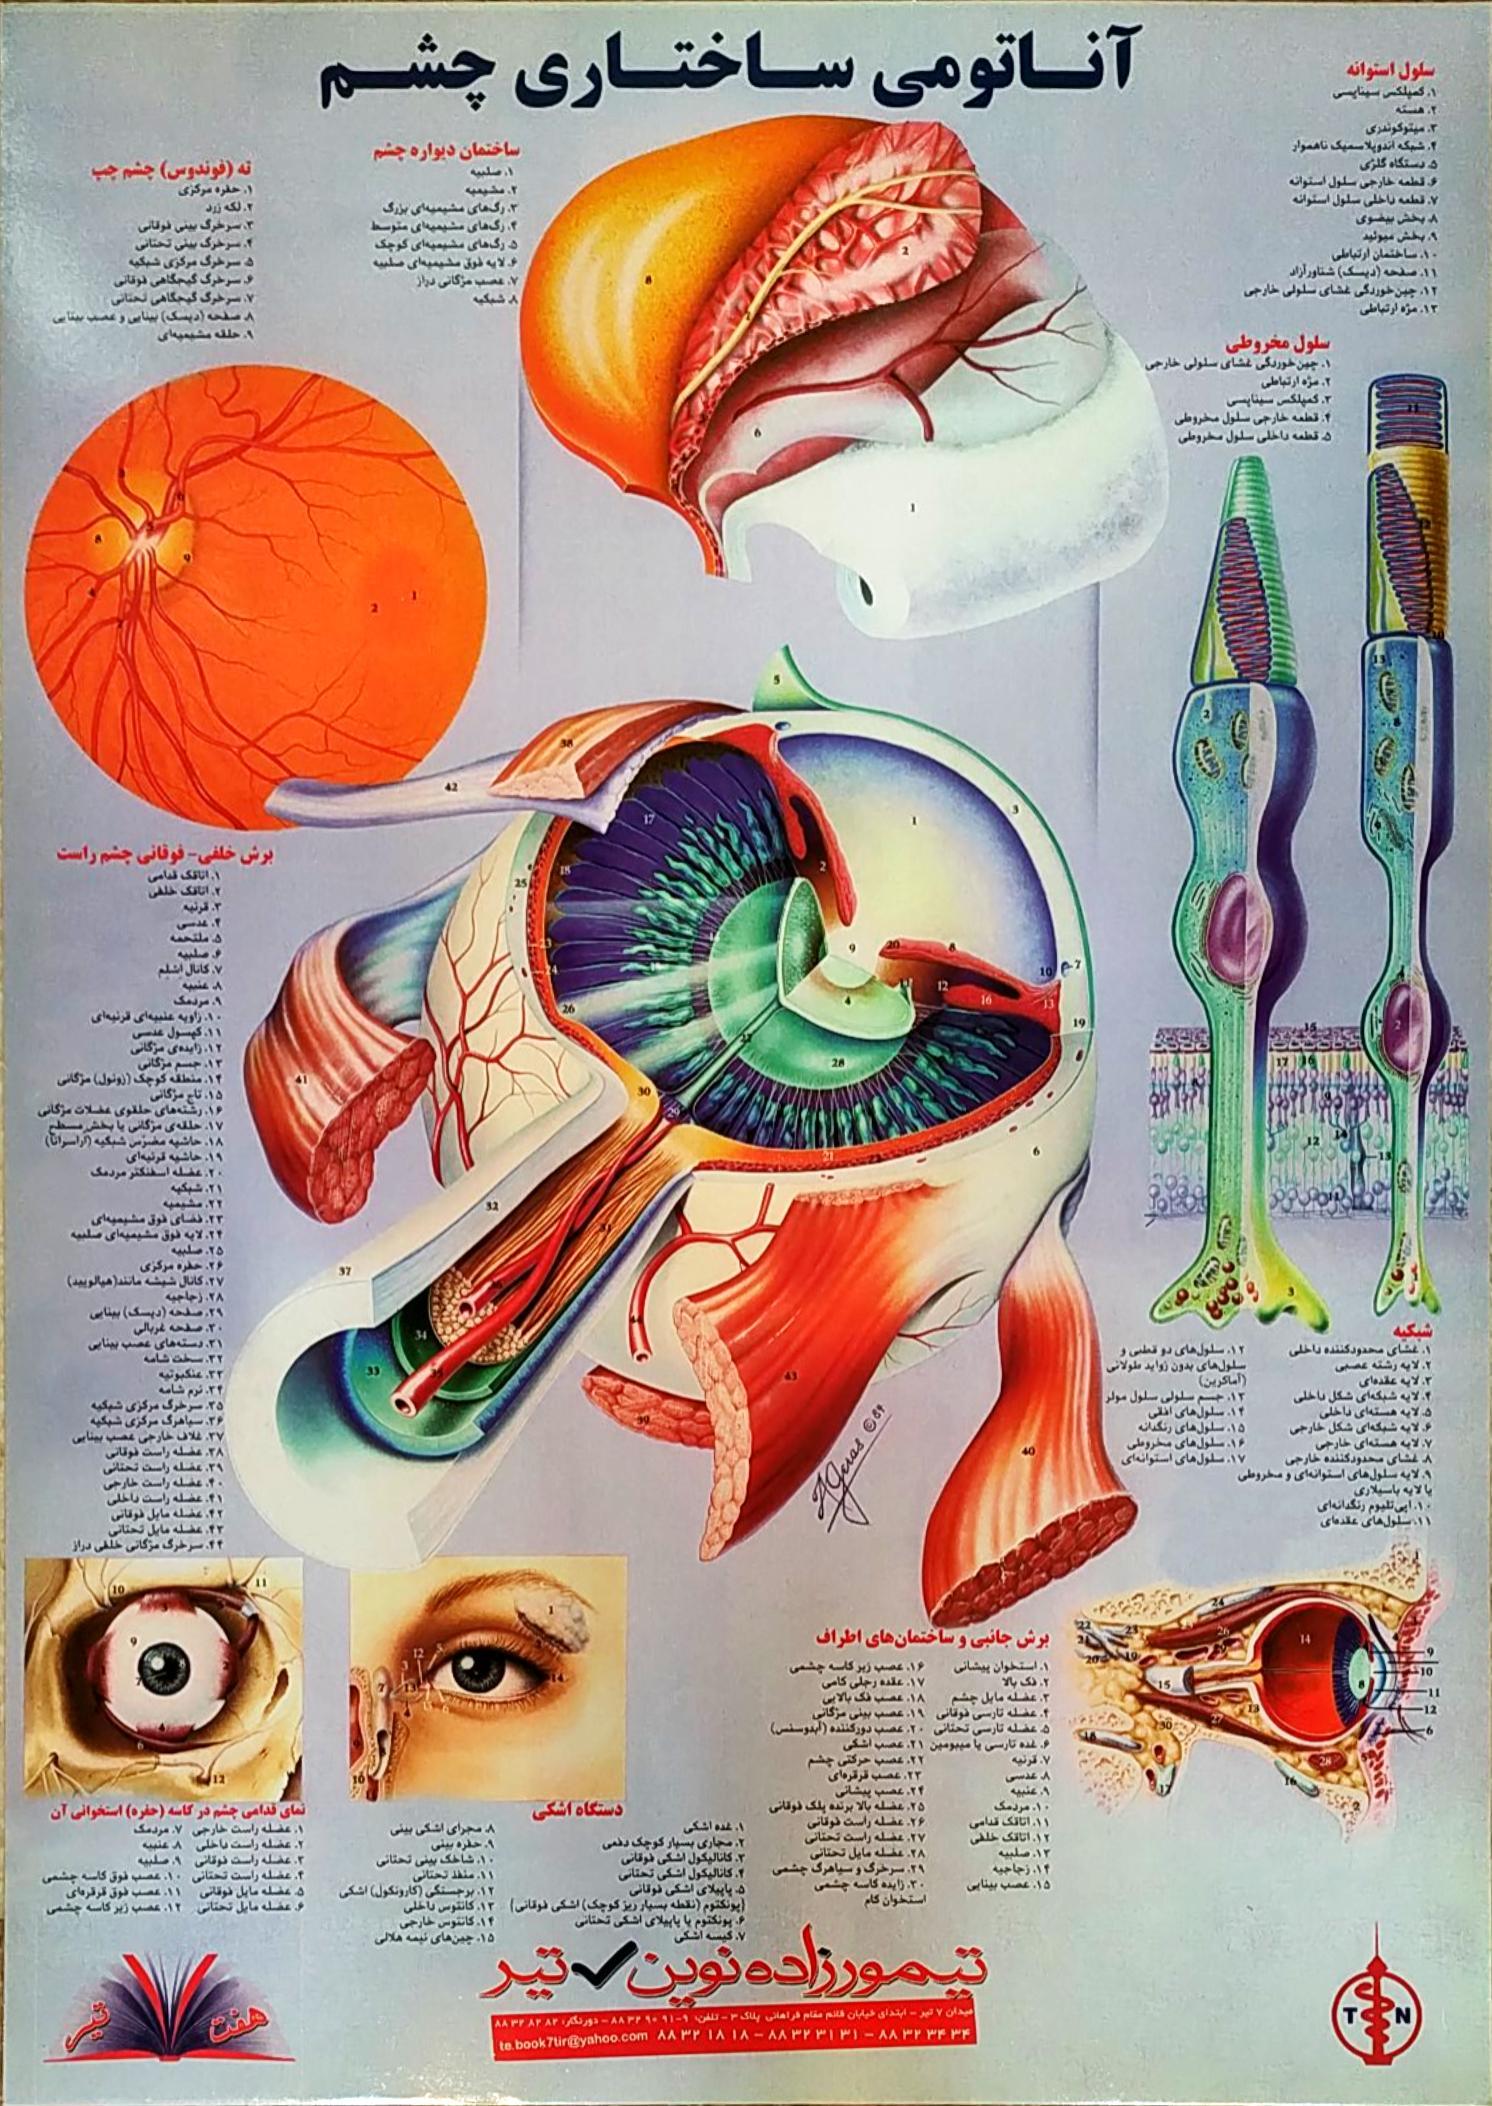 پوستر آناتومی ساختاری چشم